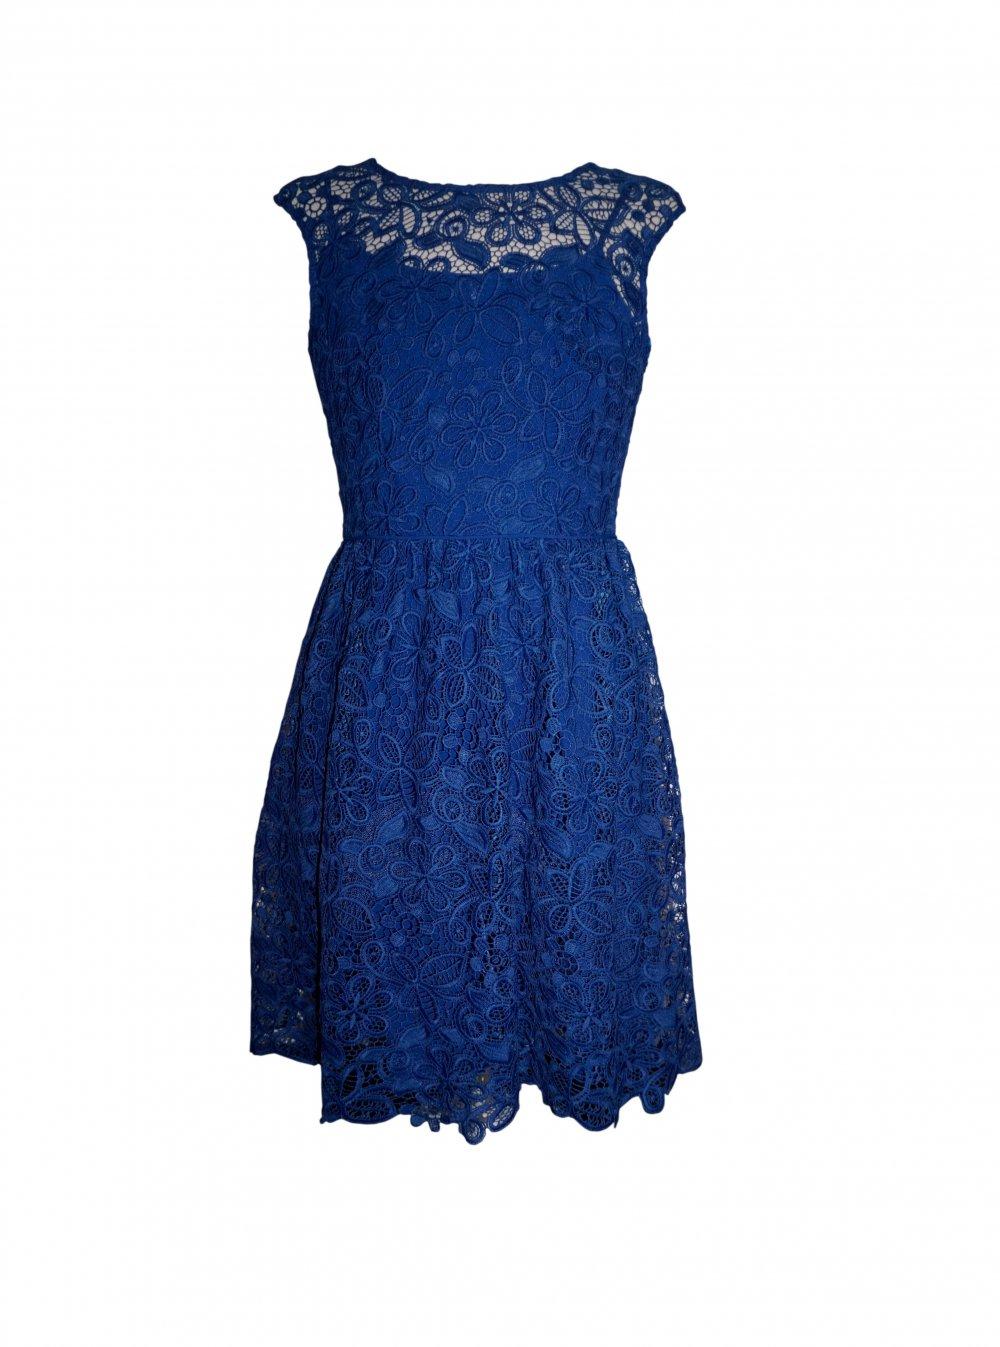 Esprit Damen Kleid Sommerkleid Spitze Gr 36 S Kleiderkorb De